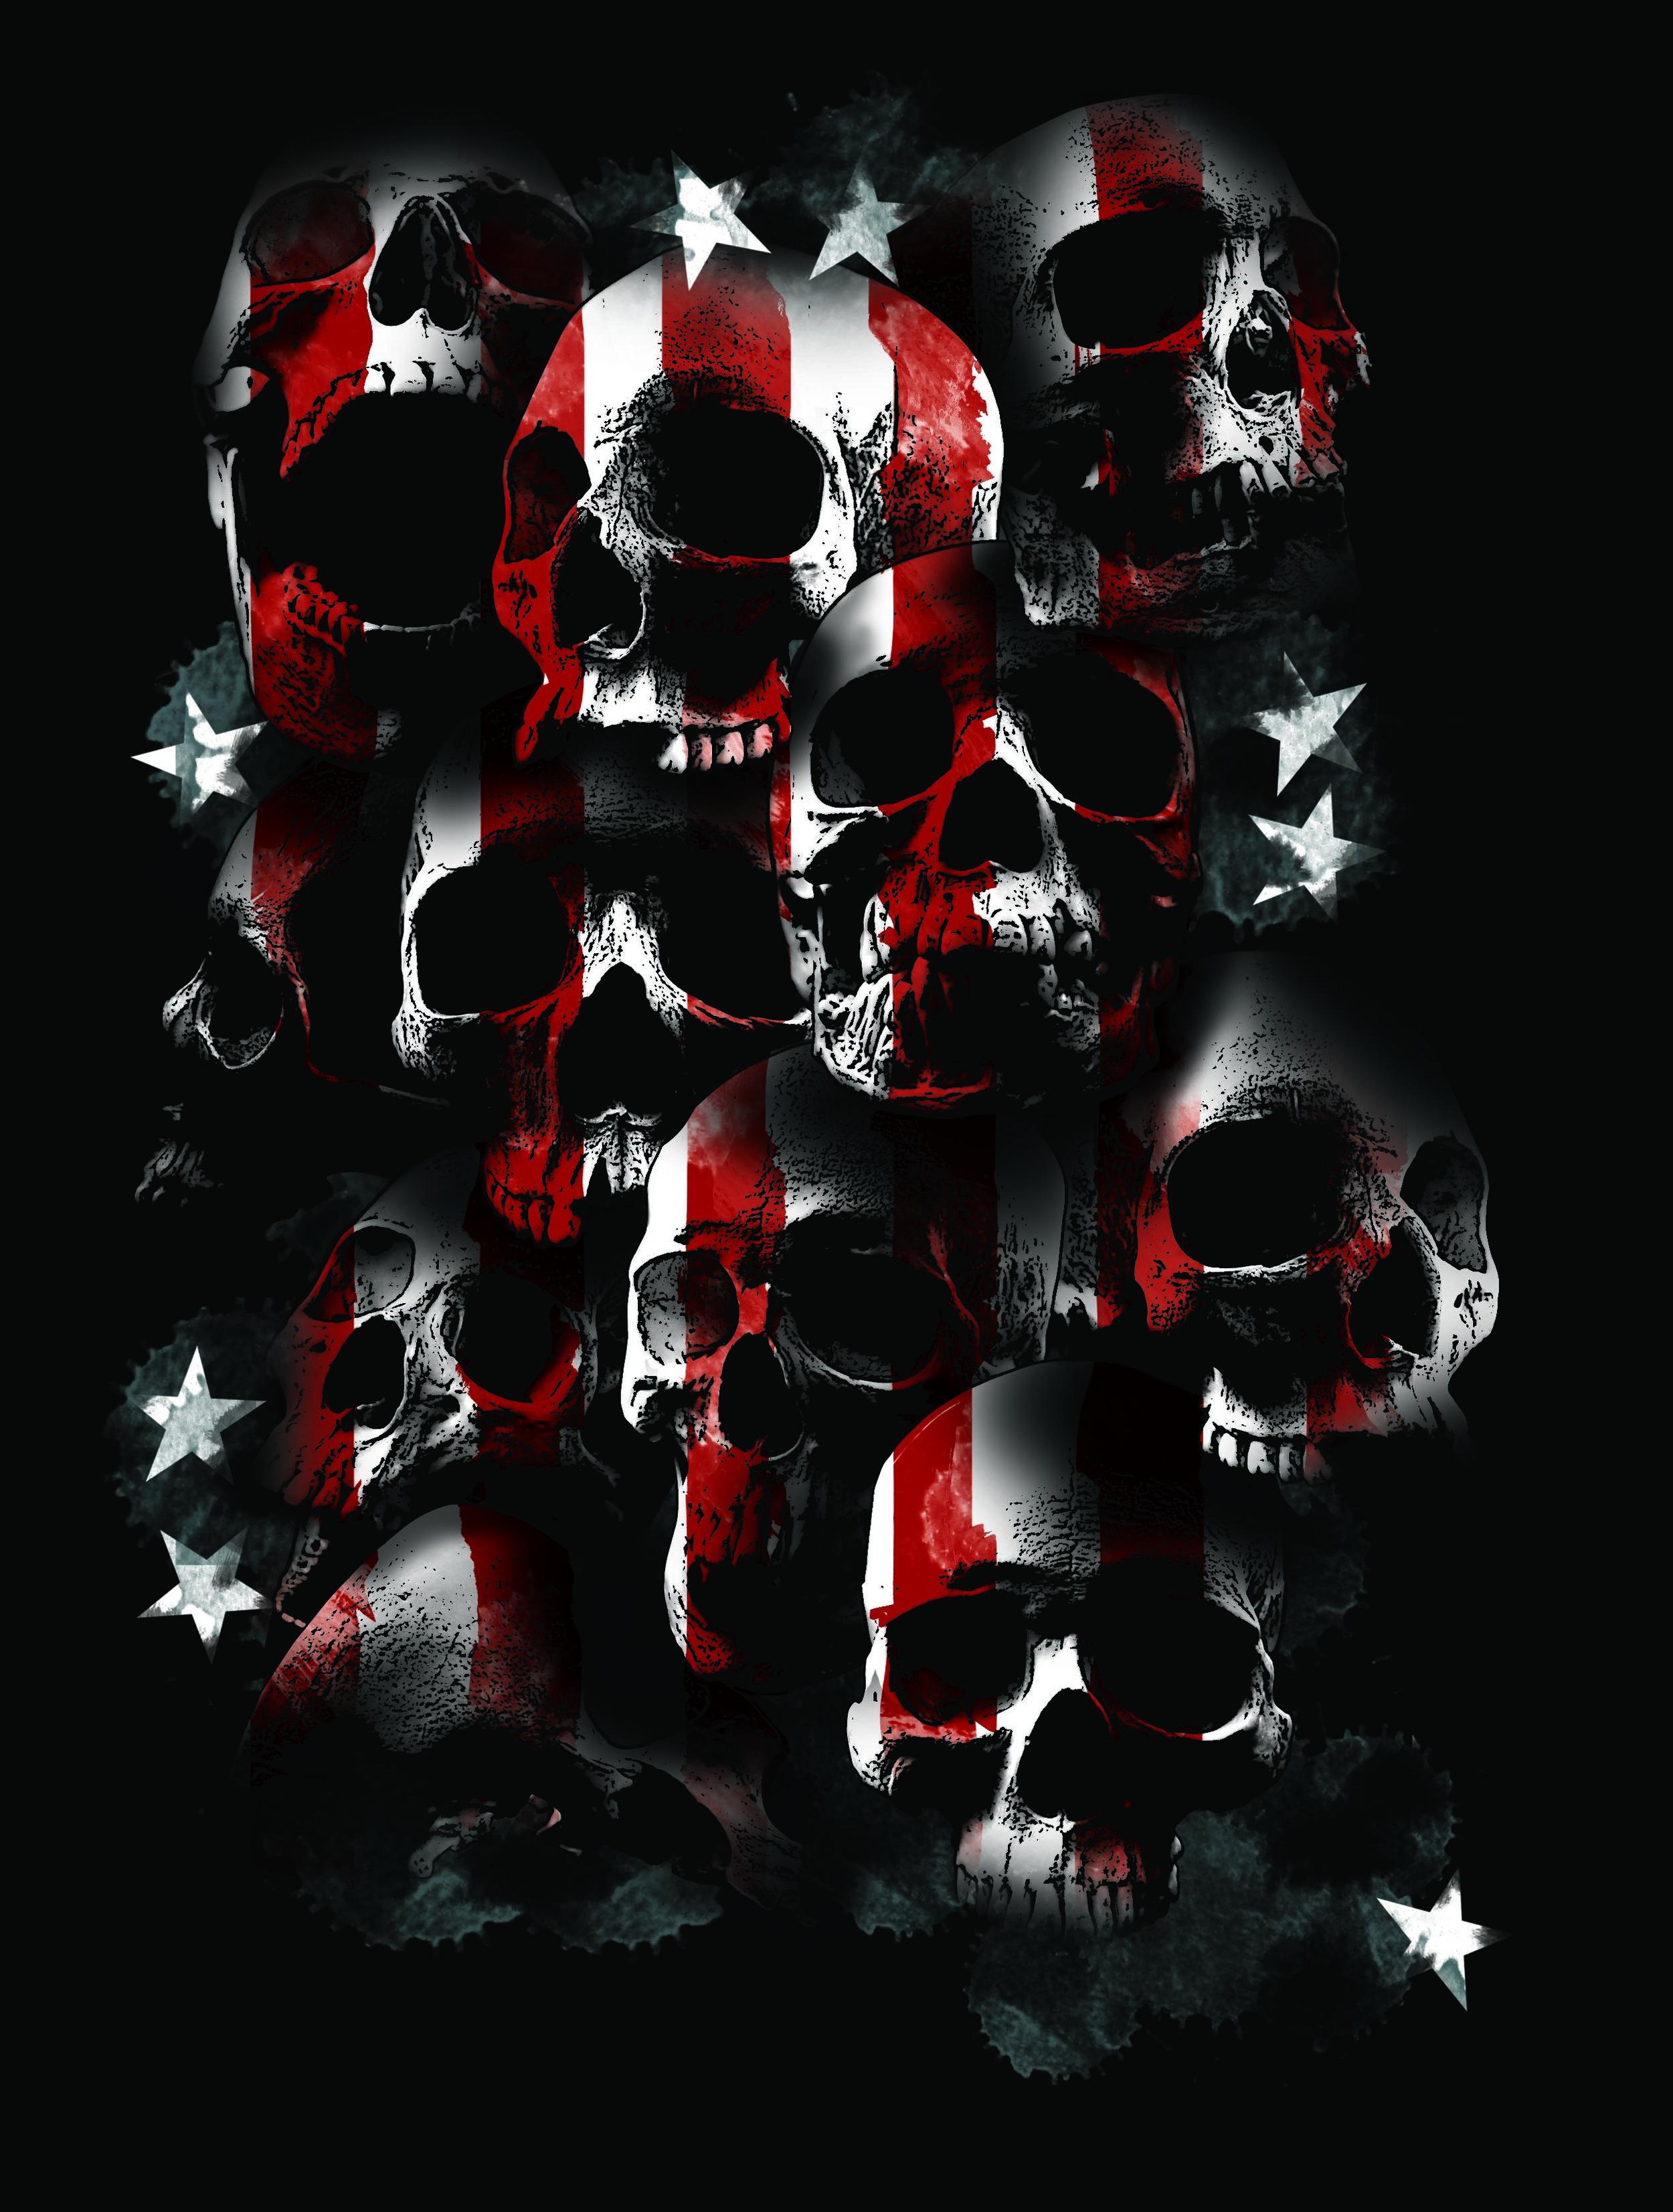 skull faced_039-16h56m21.jpg